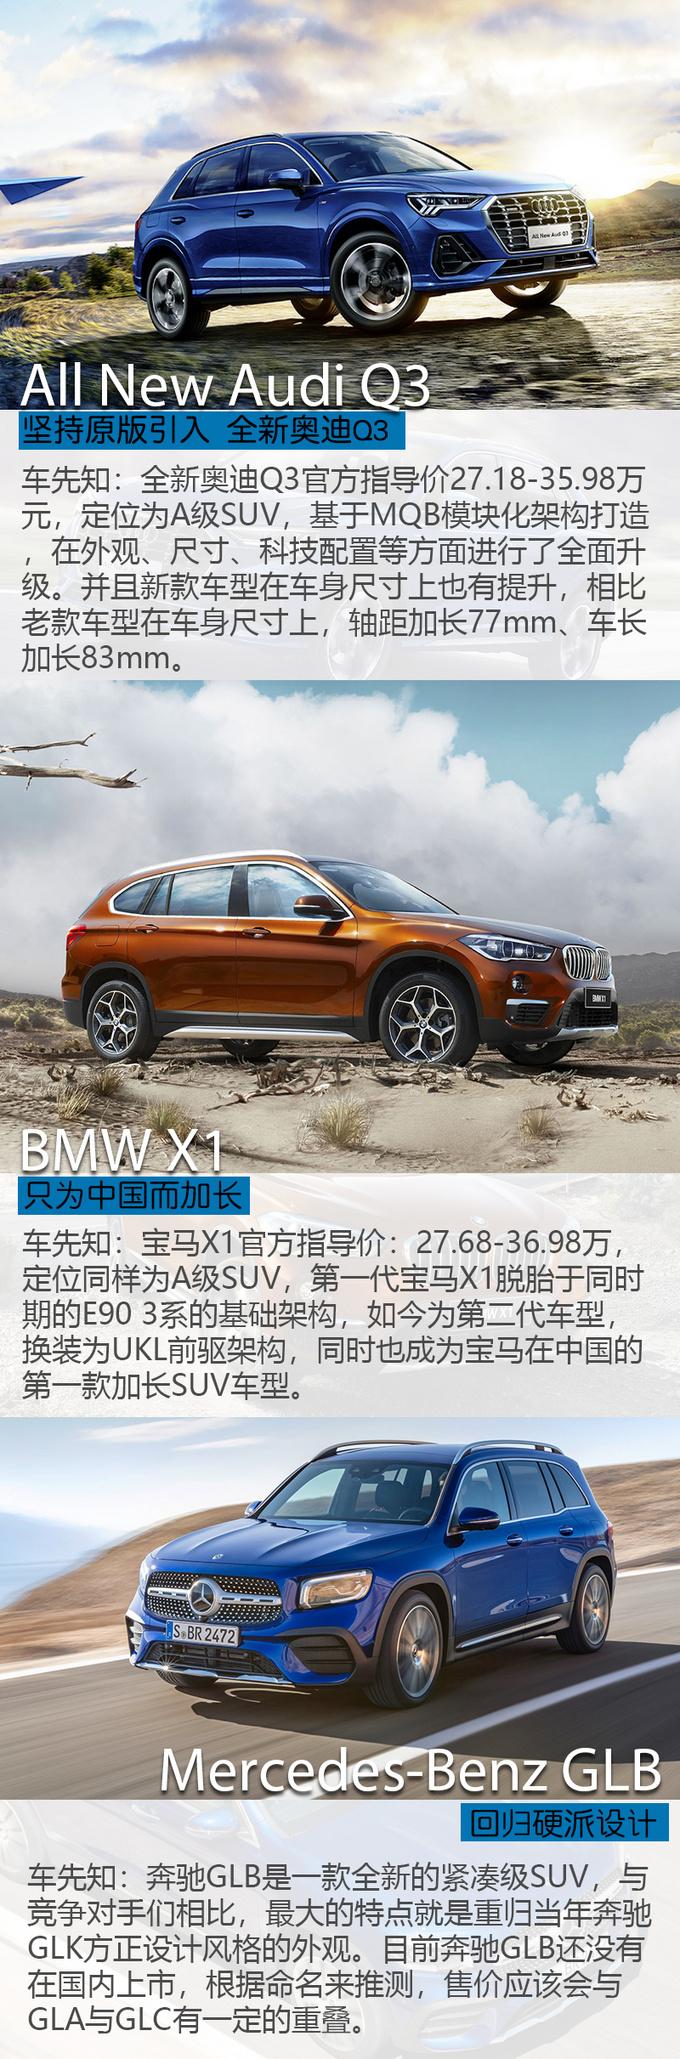 奥迪Q3/宝马X1/奔驰GLB 究竟是谁重新定义豪华SUV-图2